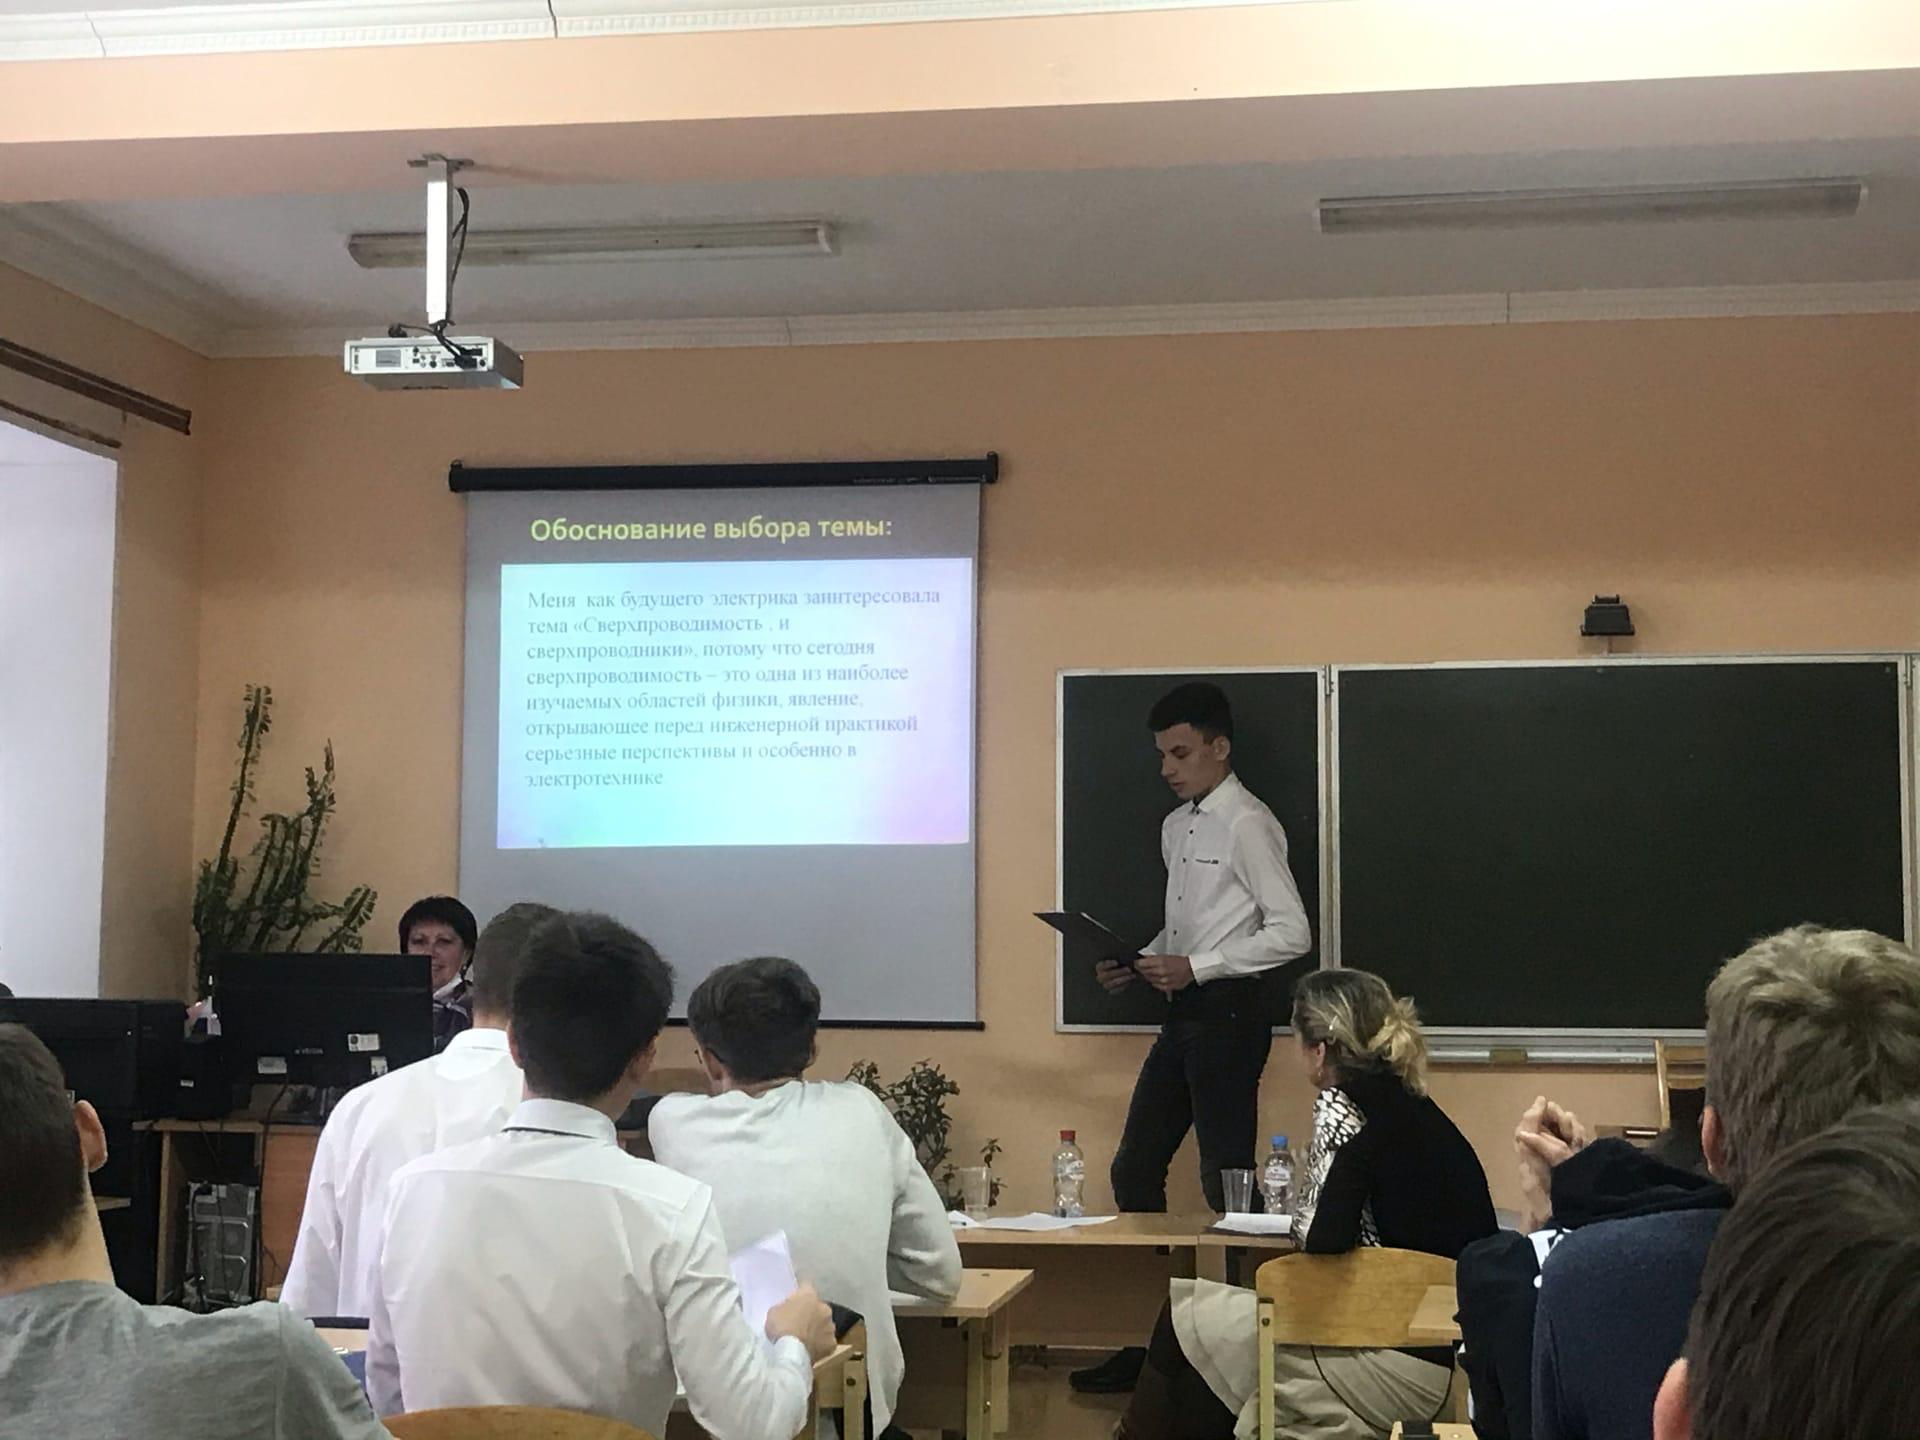 мини-конференция по дисциплине «Материаловедение».2020